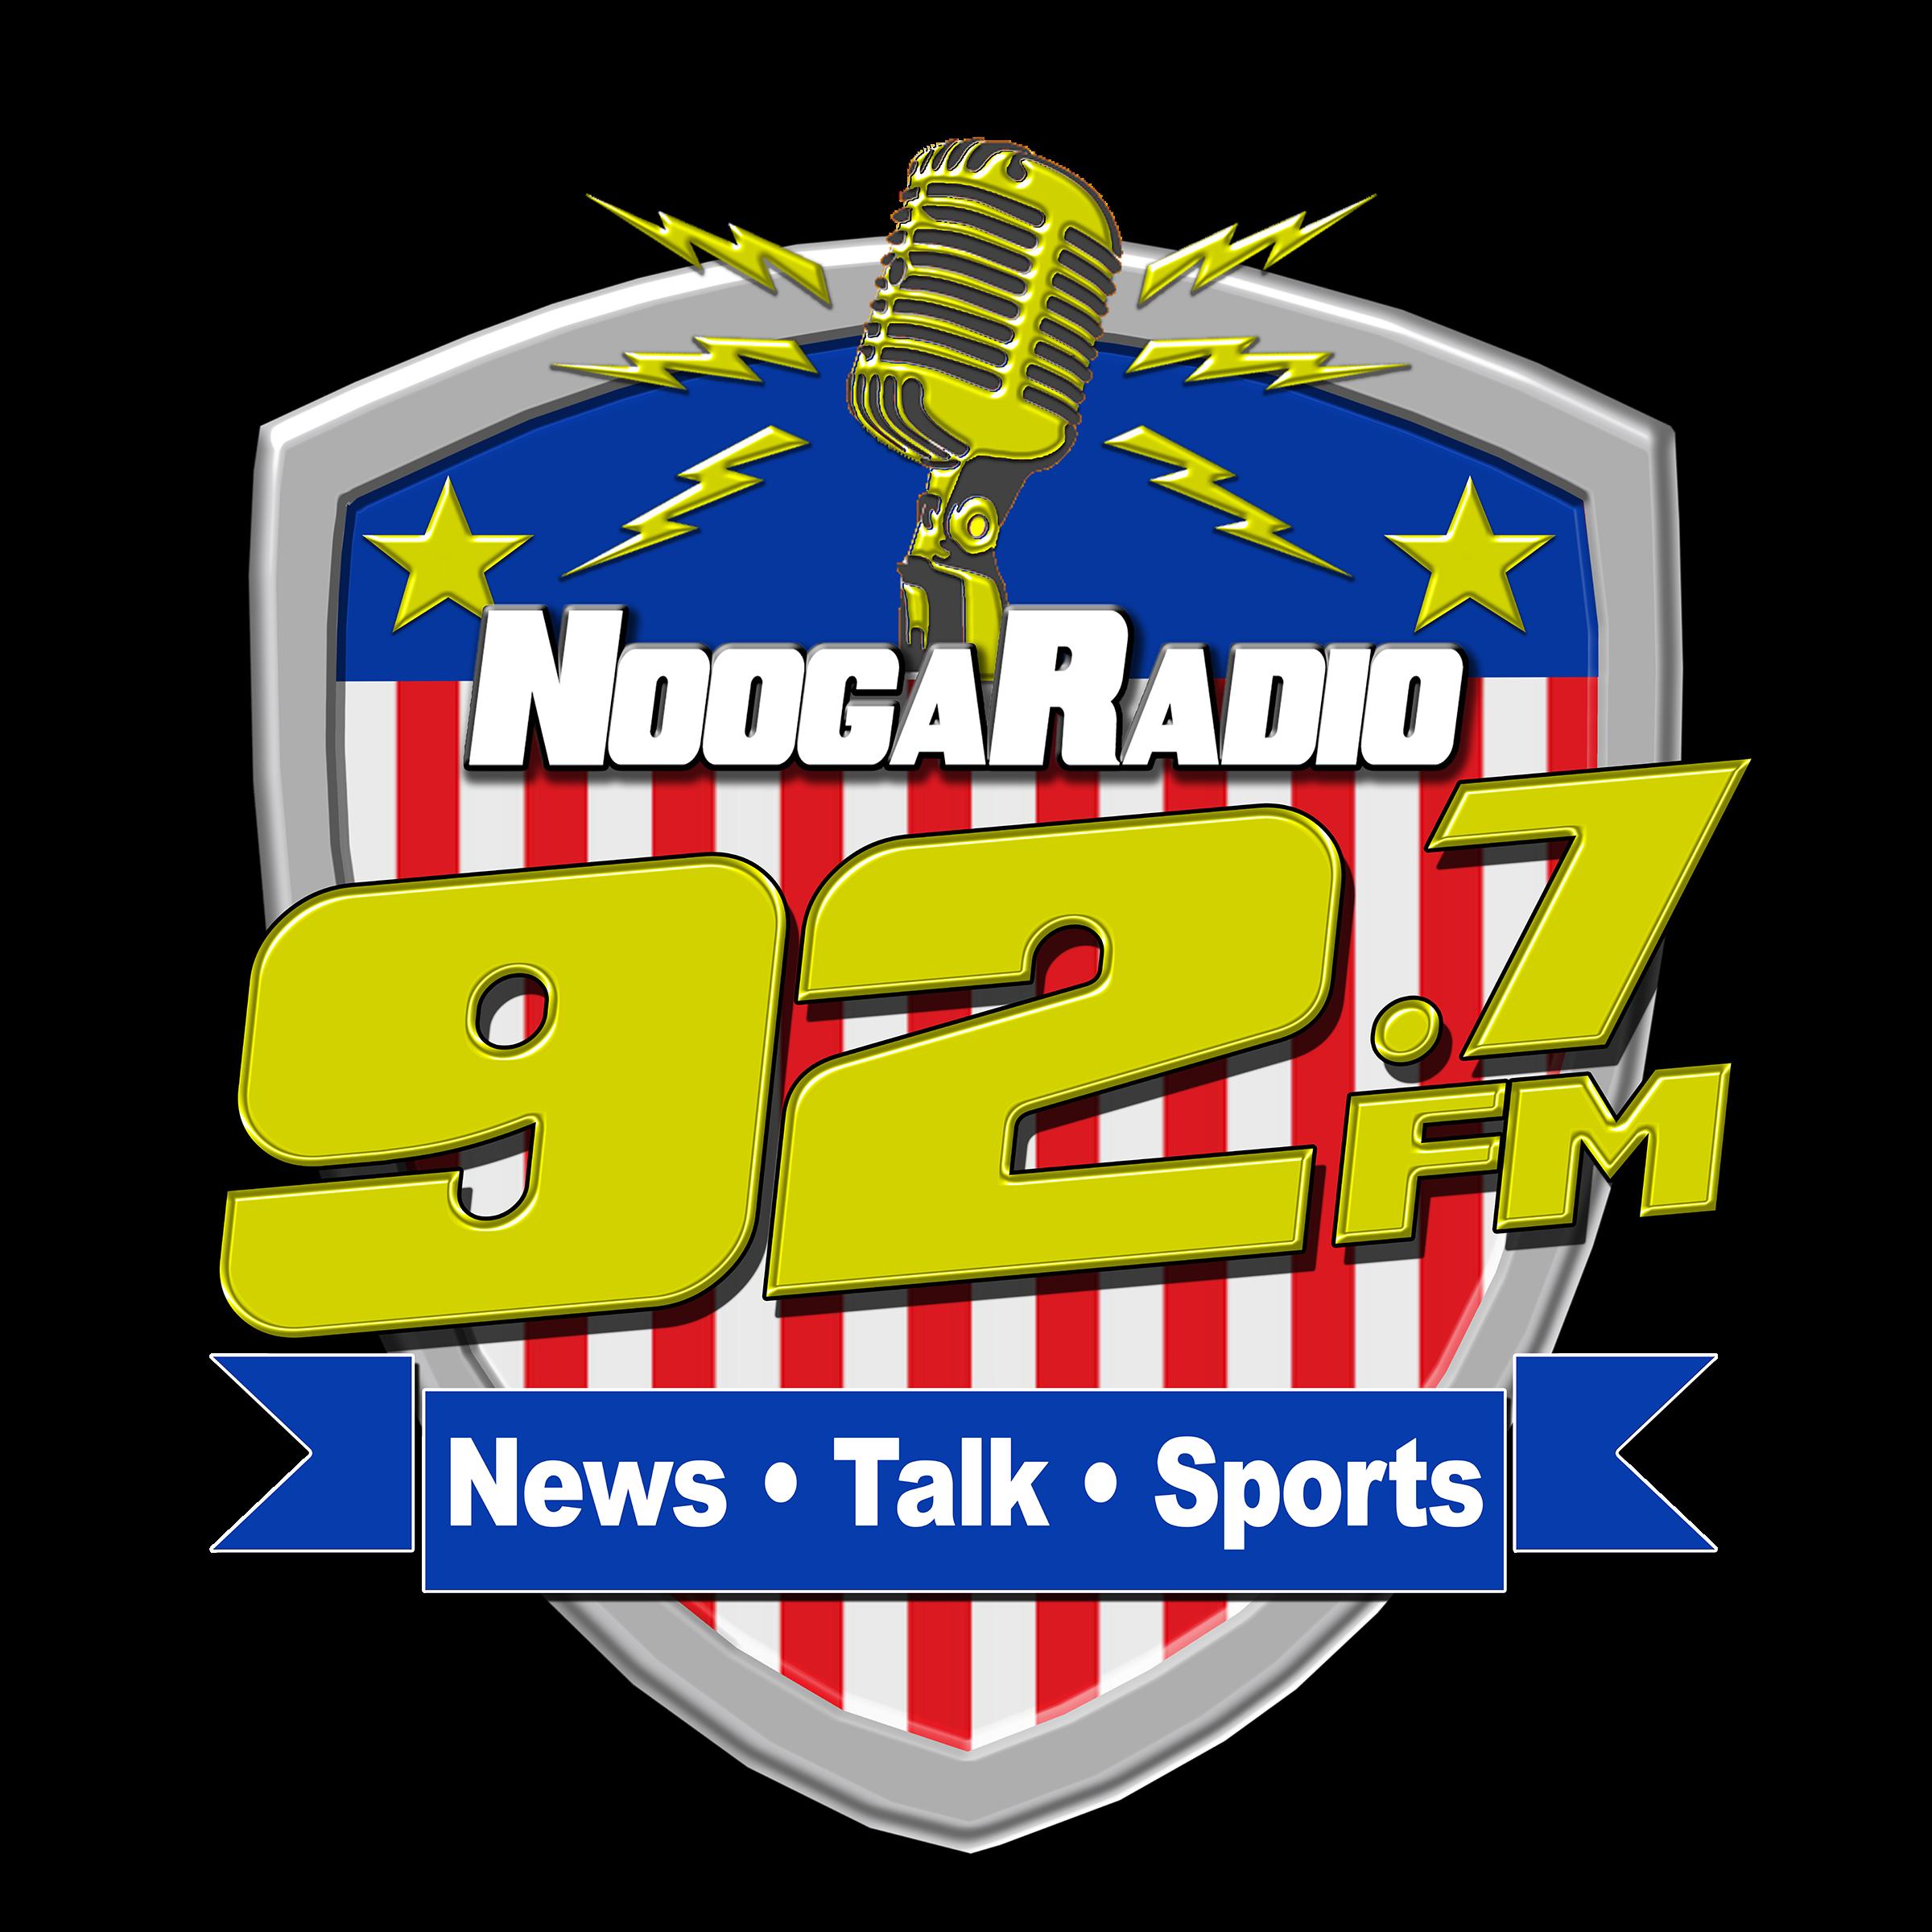 NoogaRadio